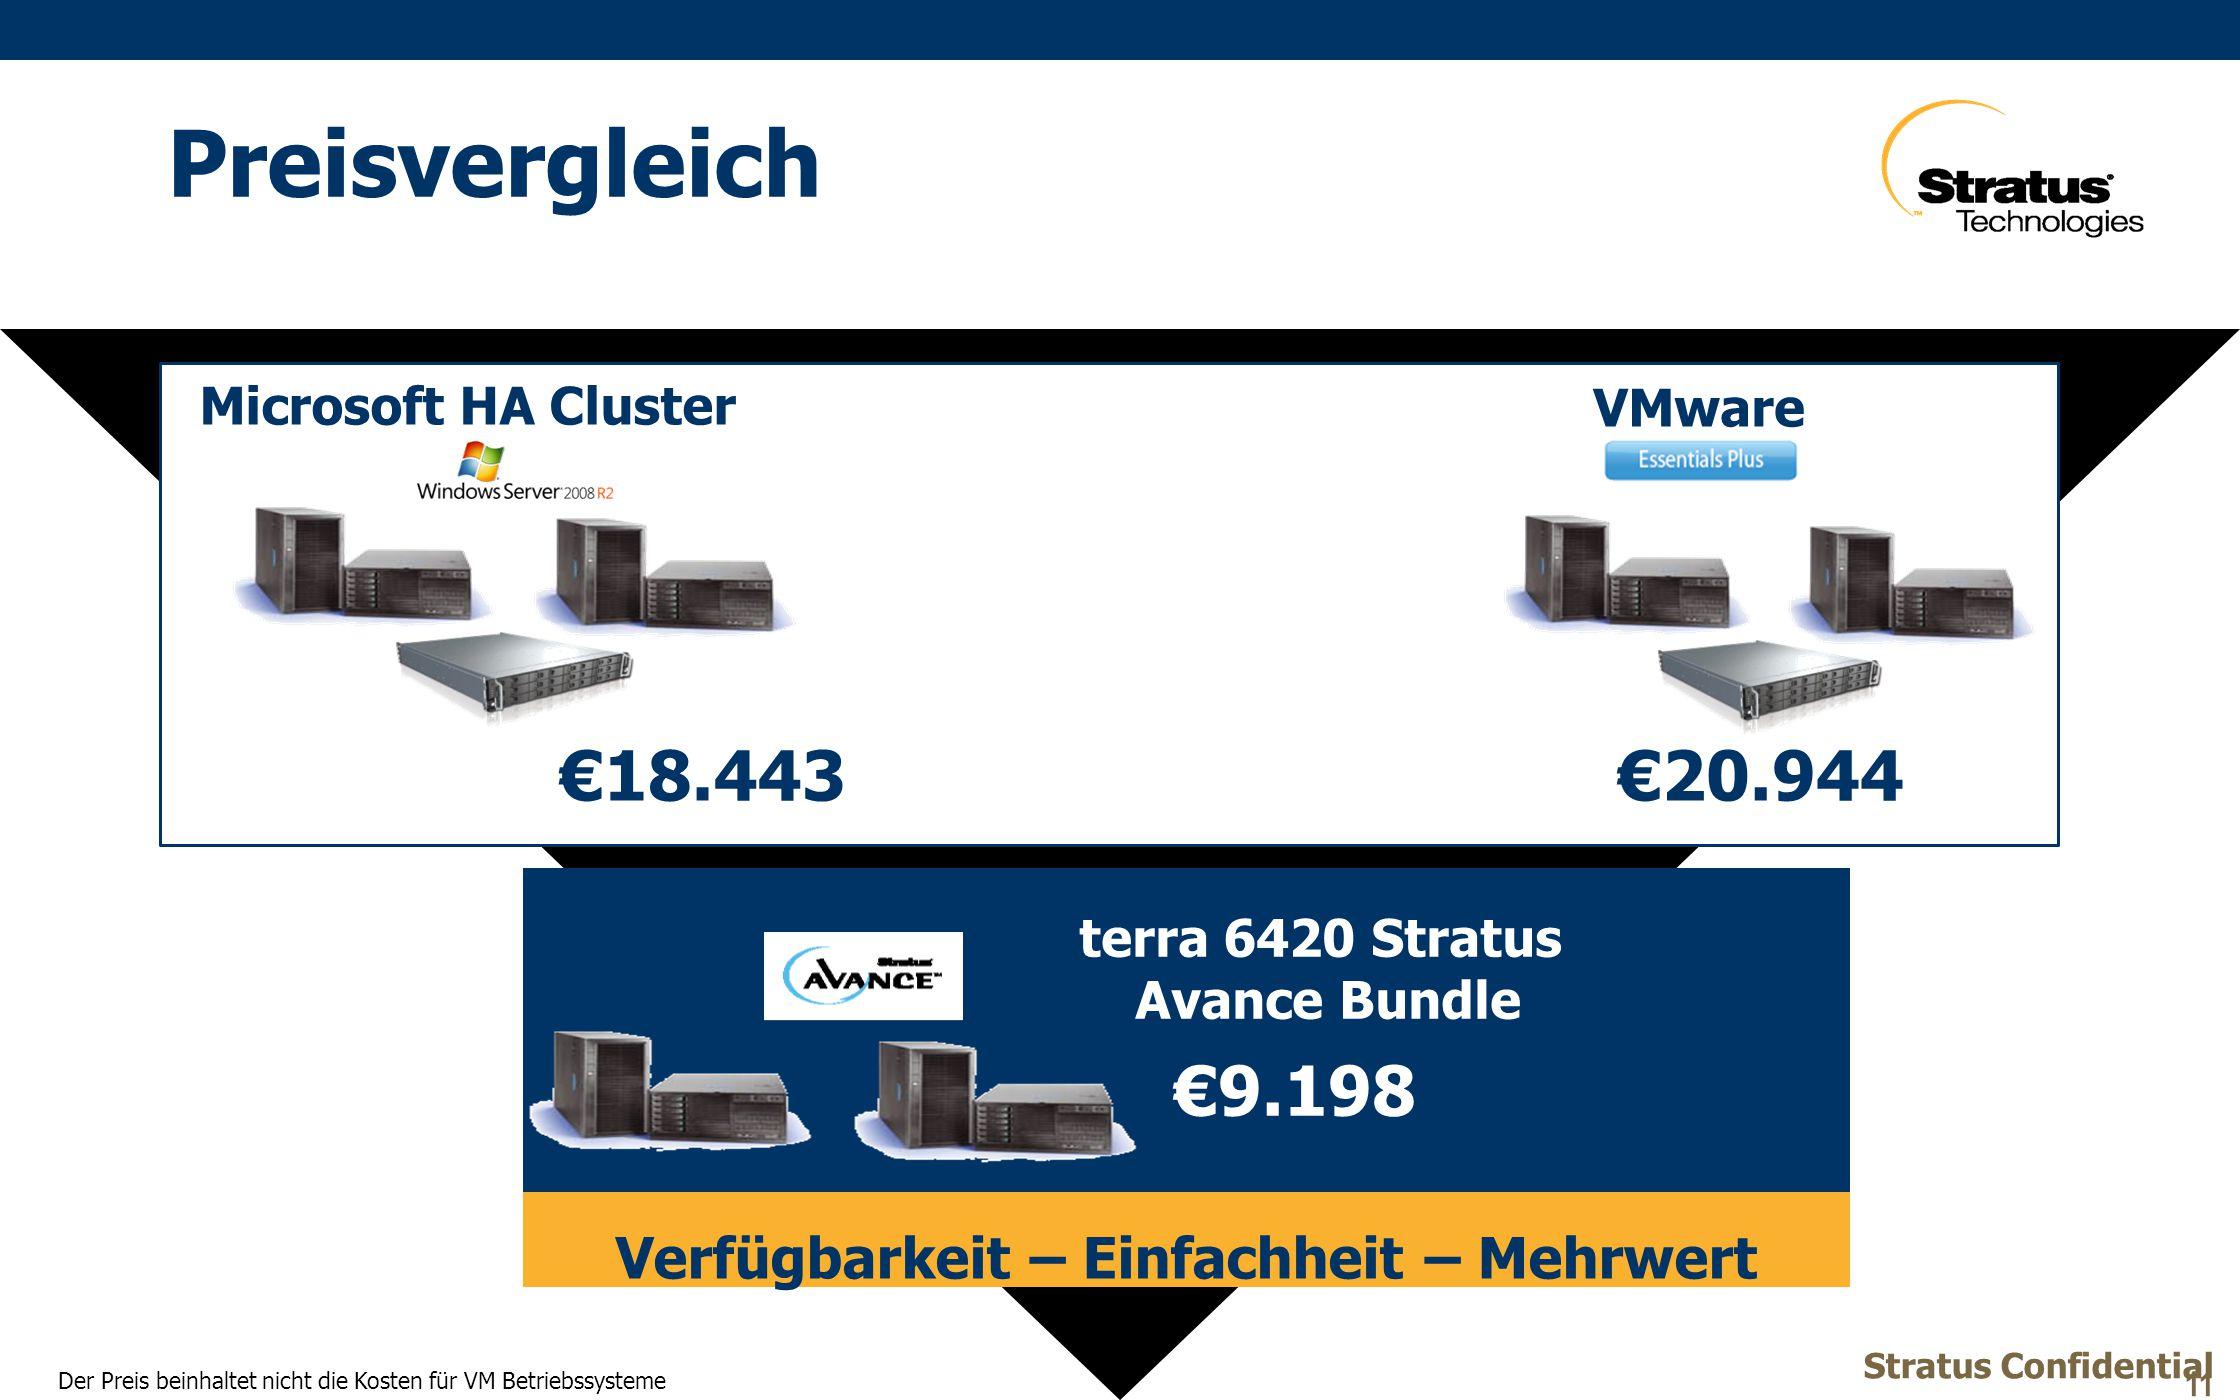 Preisvergleich Stratus Confidential 11 Verfügbarkeit – Einfachheit – Mehrwert terra 6420 Stratus Avance Bundle €9.198 Microsoft HA Cluster €18.443€20.944 VMware Der Preis beinhaltet nicht die Kosten für VM Betriebssysteme